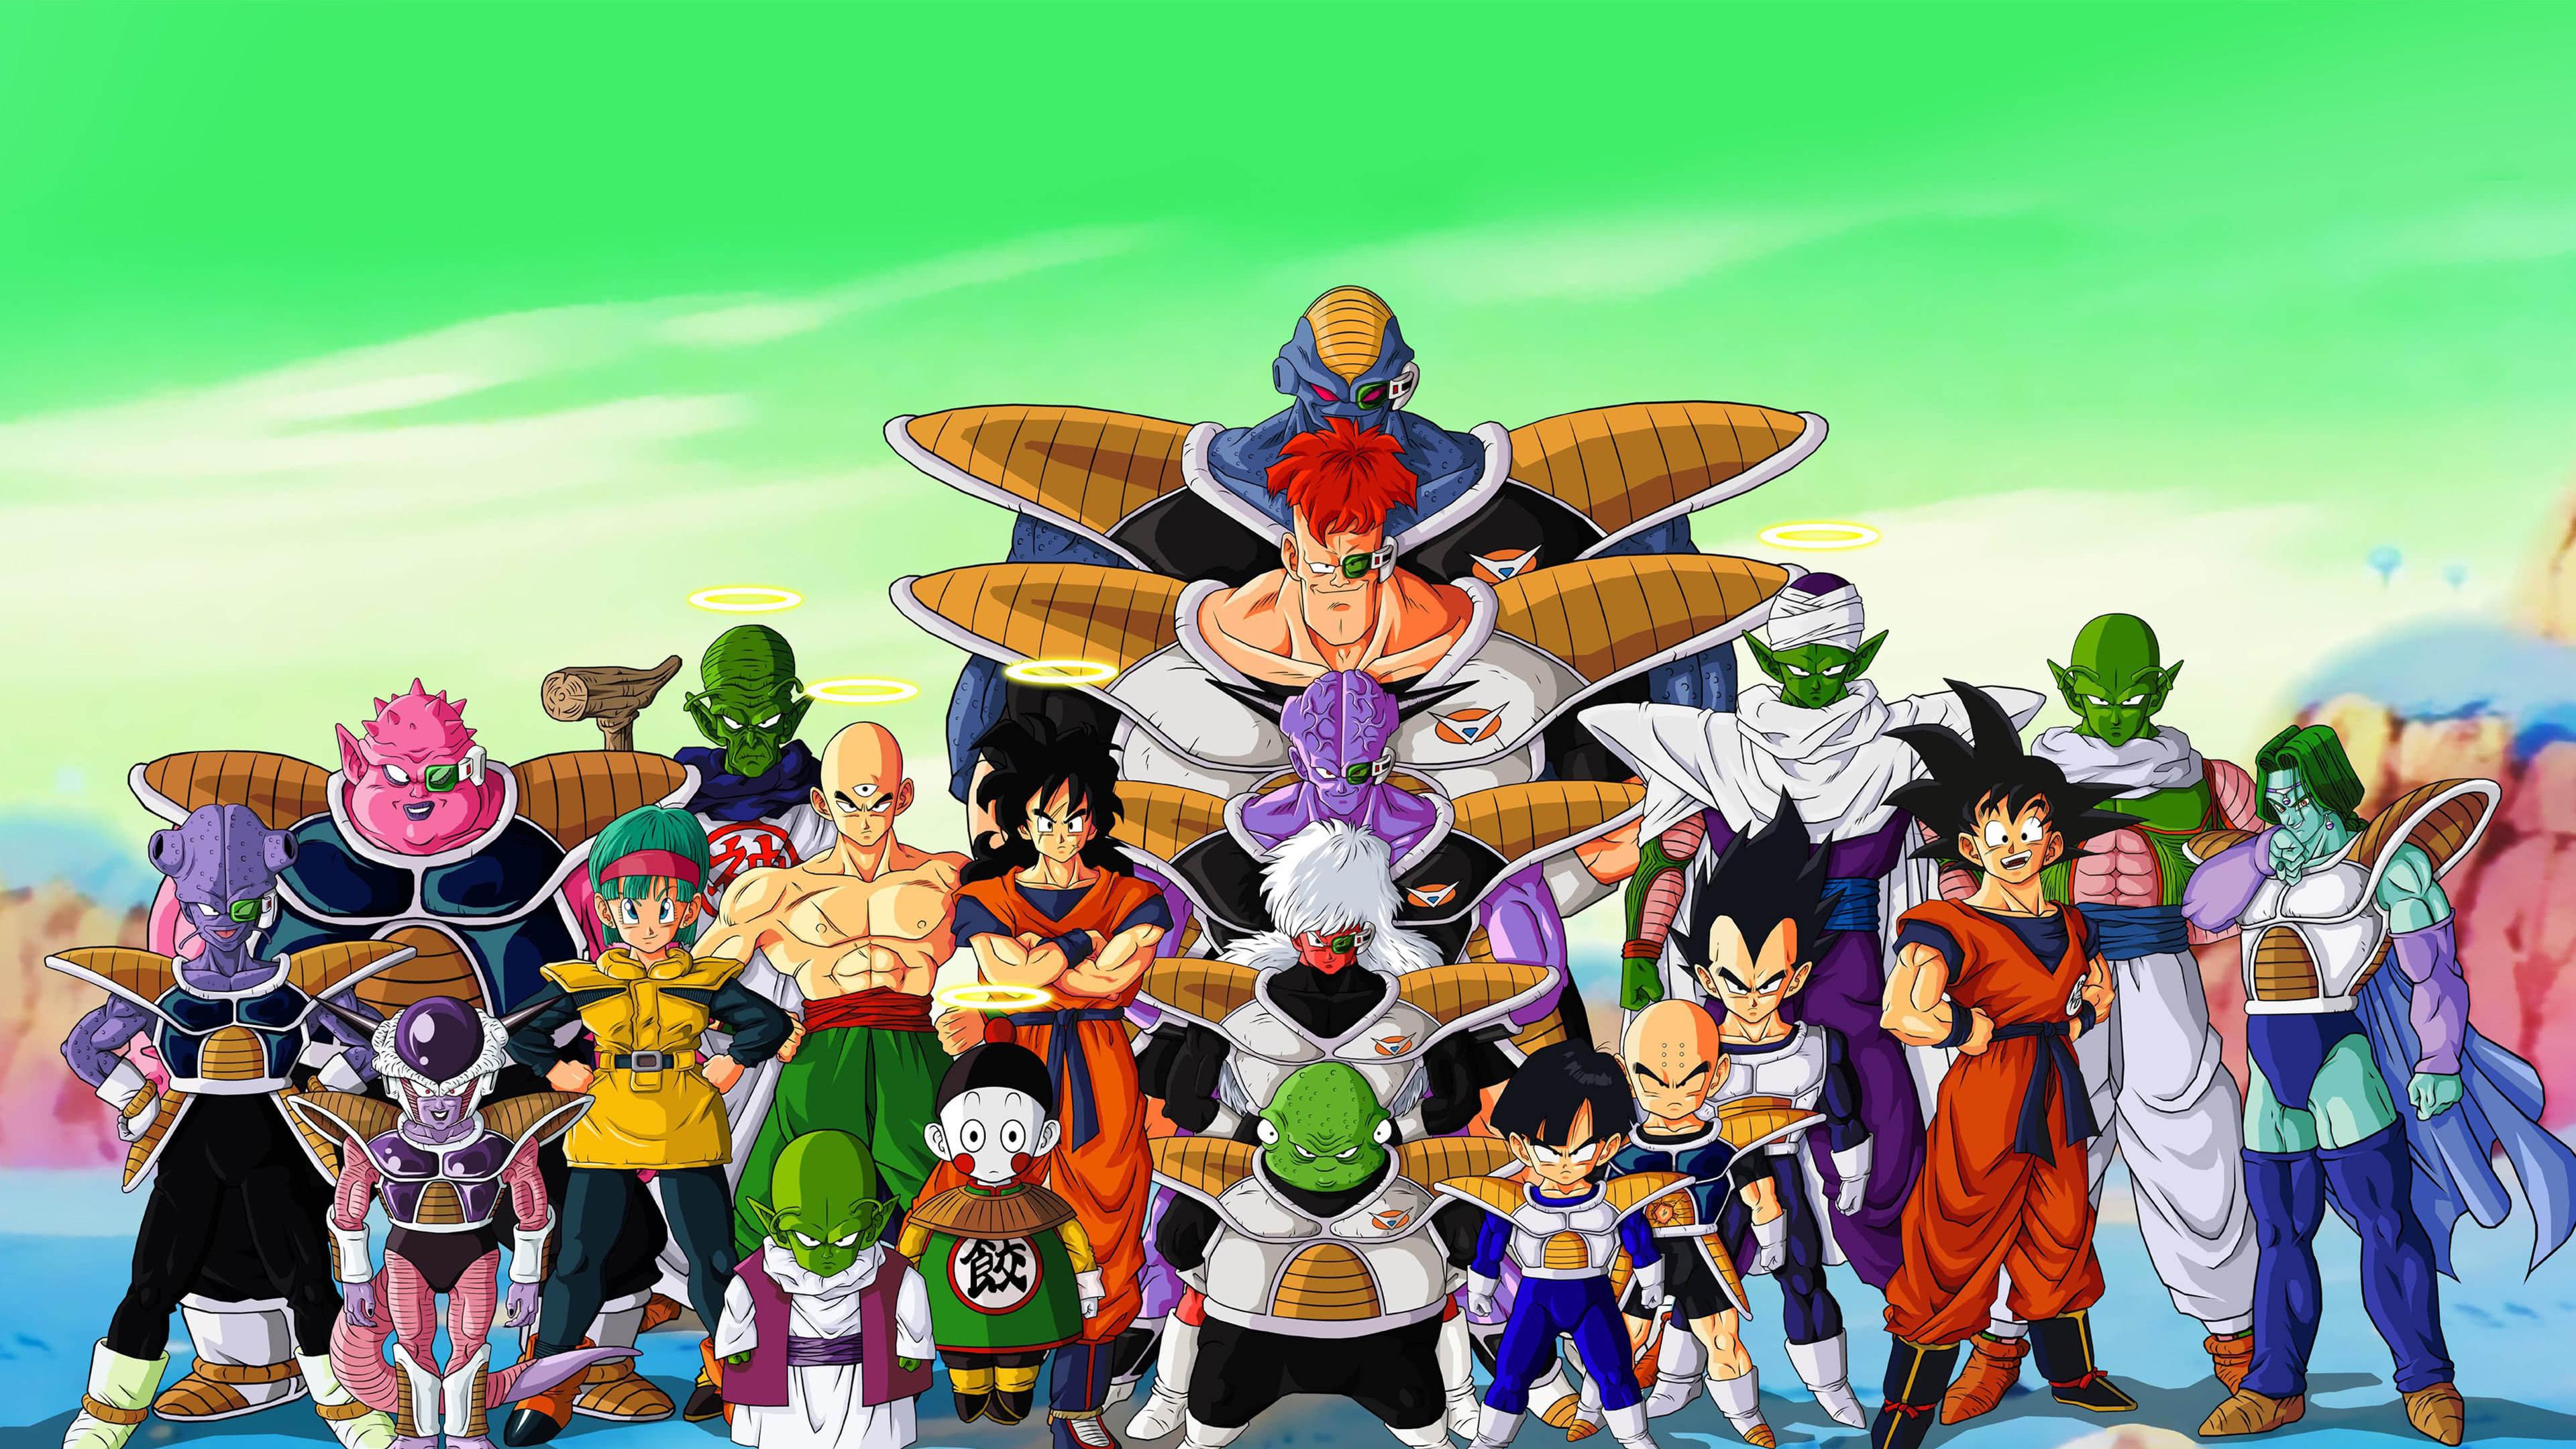 Dragon Ball Z Characters Uhd 4k Wallpaper Pixelz